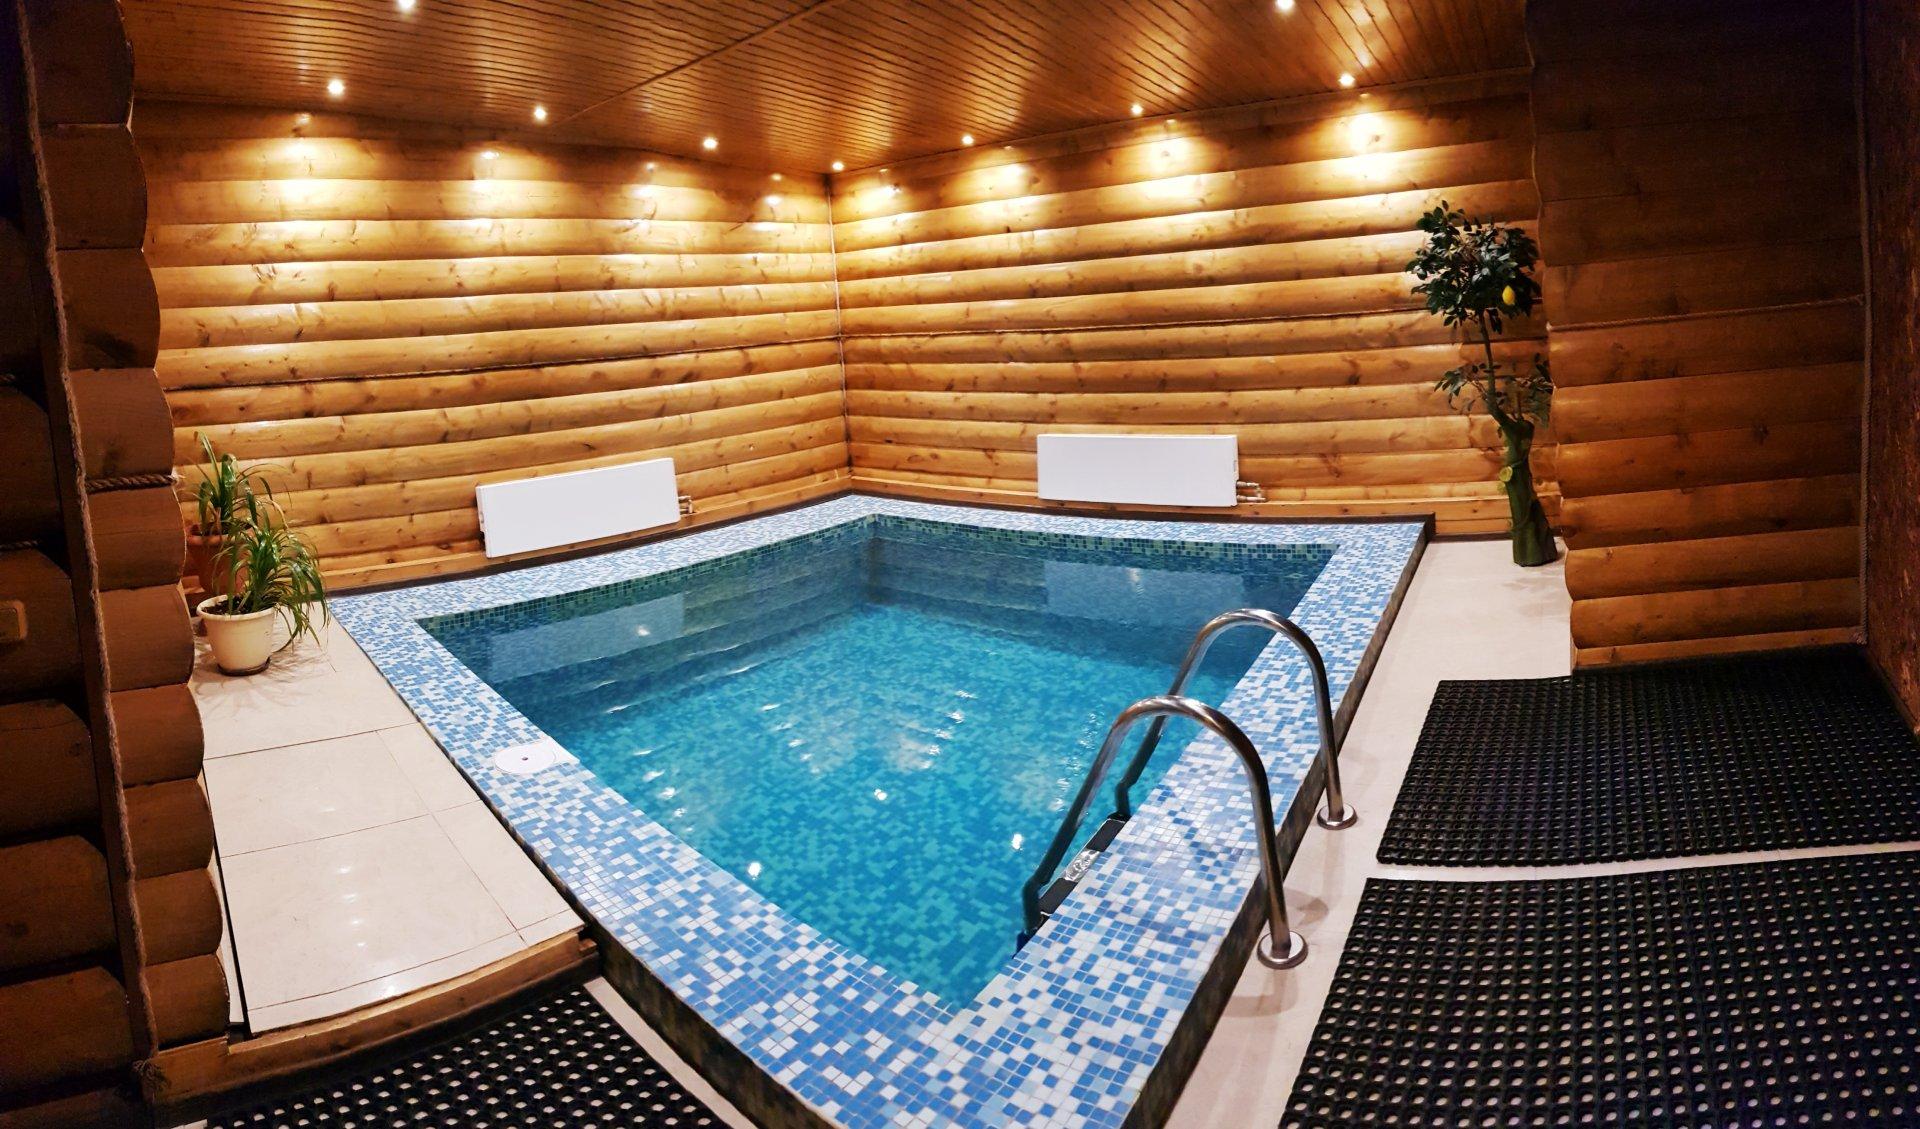 Снять баню с бассейном в подмосковье - сауны и бани на дровах